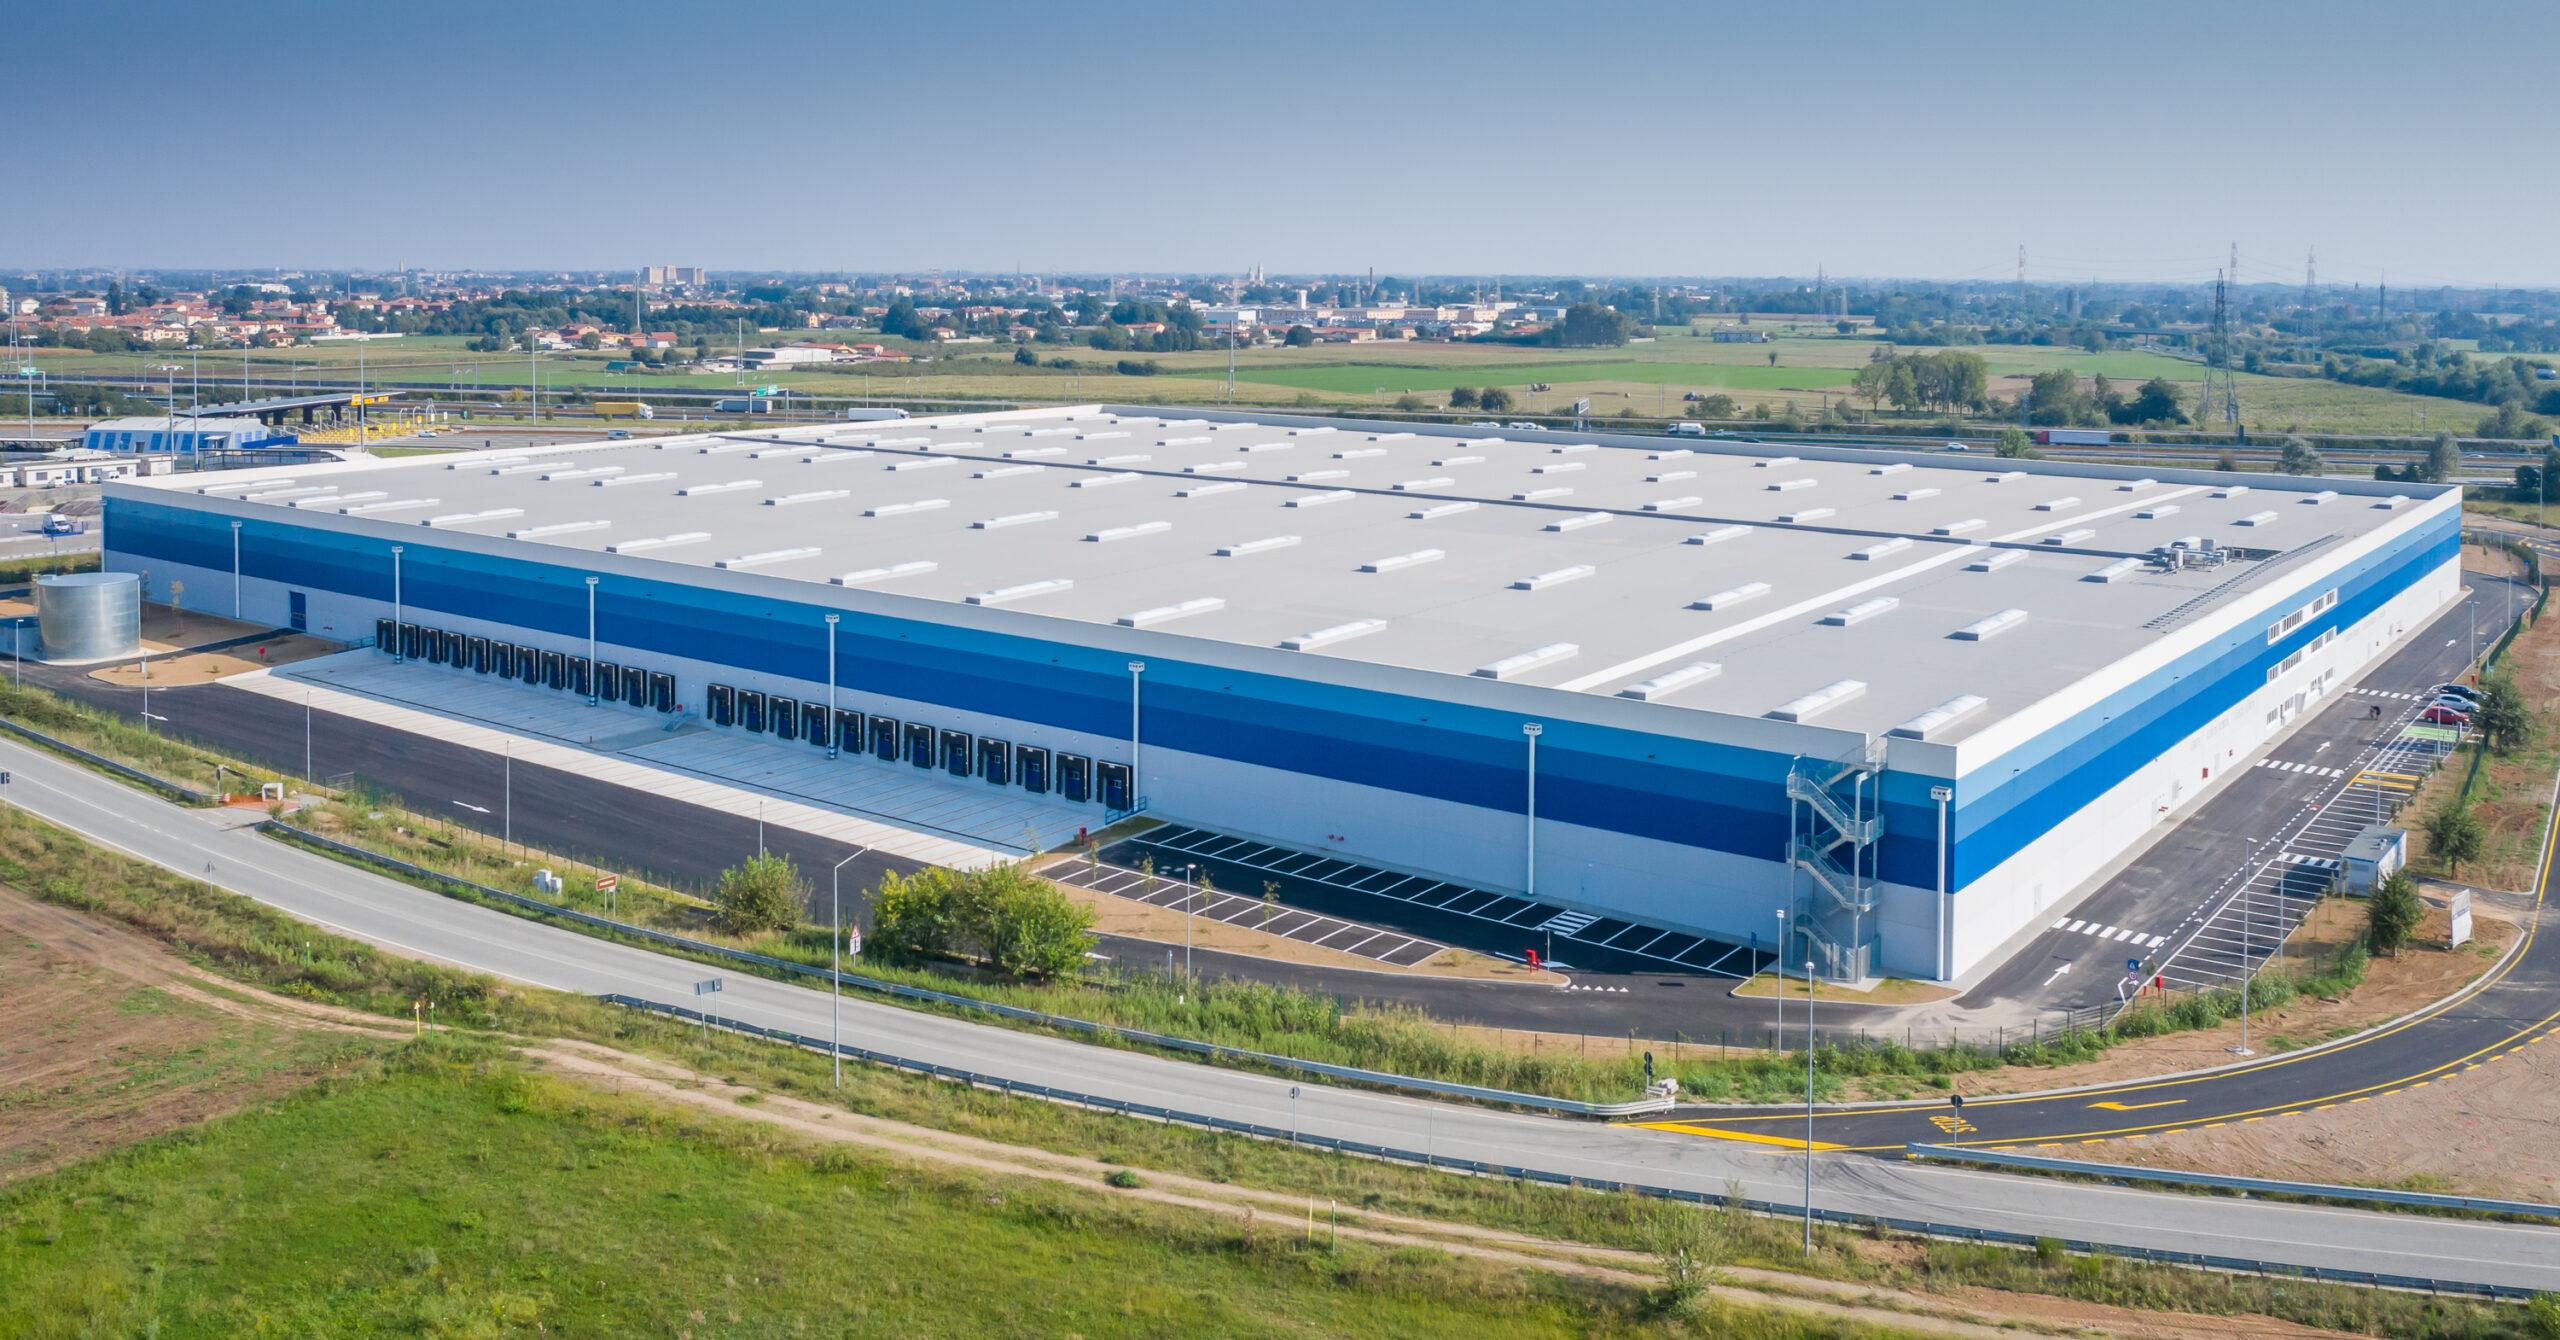 Vista aerea - CARLYLE Mesero | SQM Real Estate miglior agenzia immobiliare per aziende industria terreni logistica sviluppo immobiliare